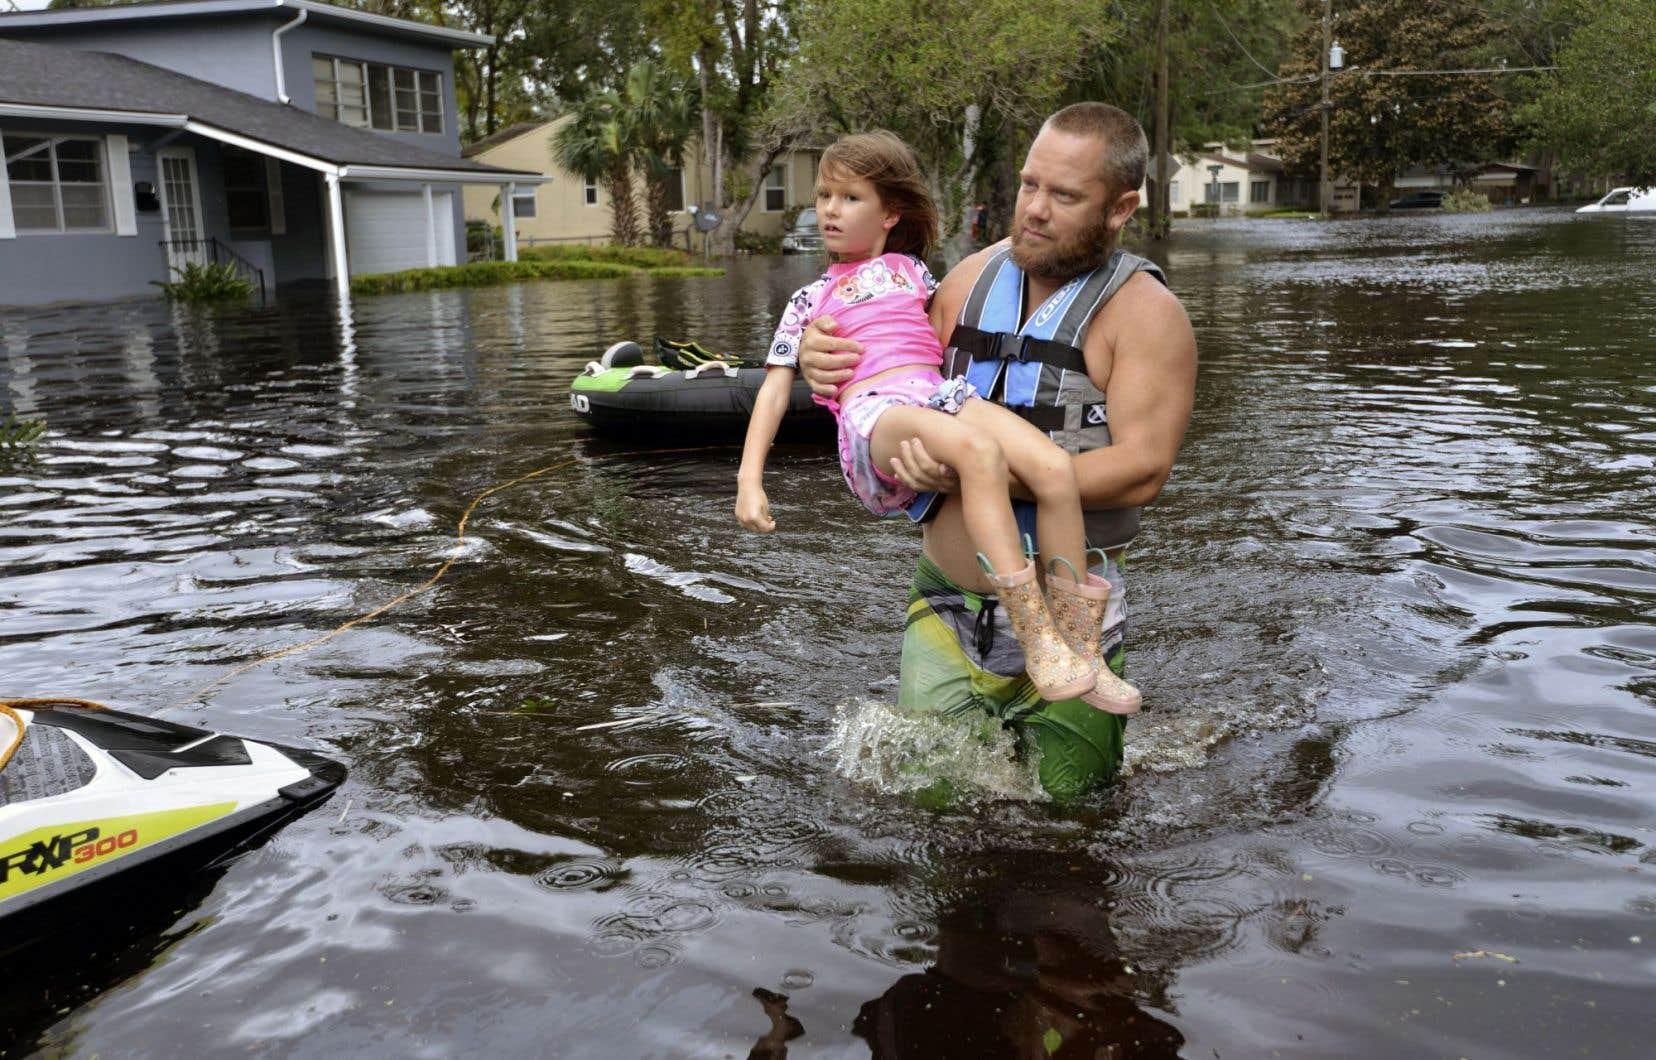 À Jacksonville, en Floride, un homme transporte dans ses bras une fillette de six ans pour l'amener au sec.